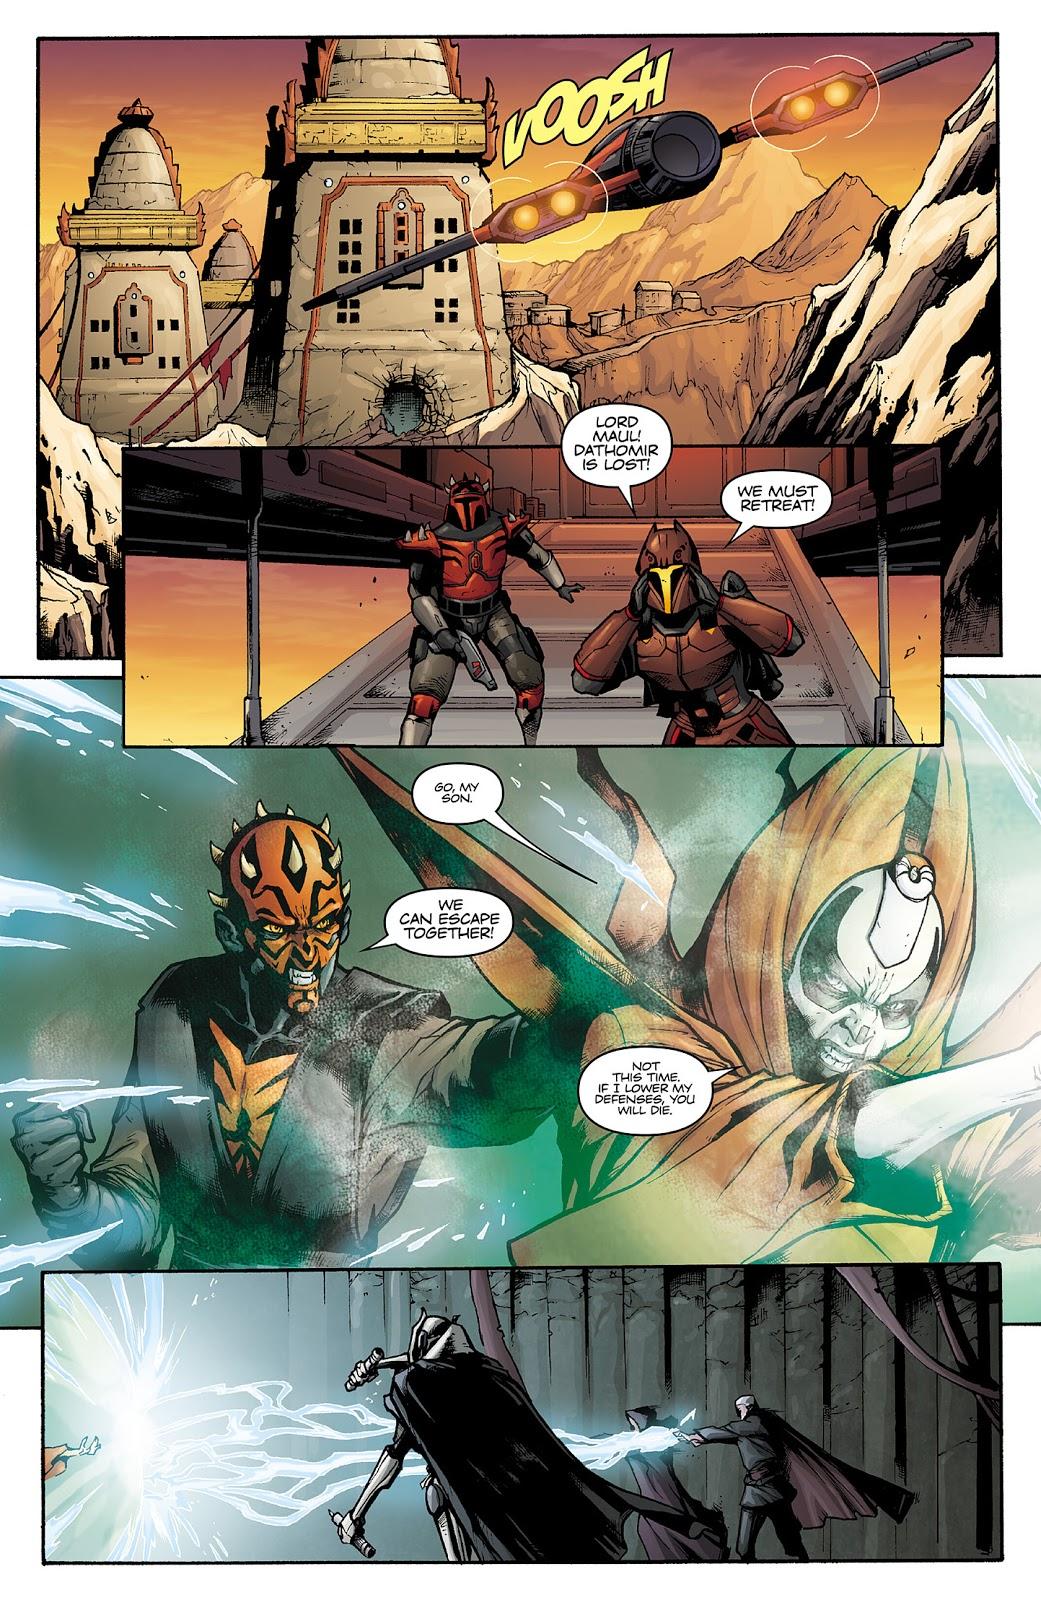 SS - Starkiller (ArkhamAsylum3) vs Qui-Gon Jinn (Meatpants) - Page 2 Sidiou22